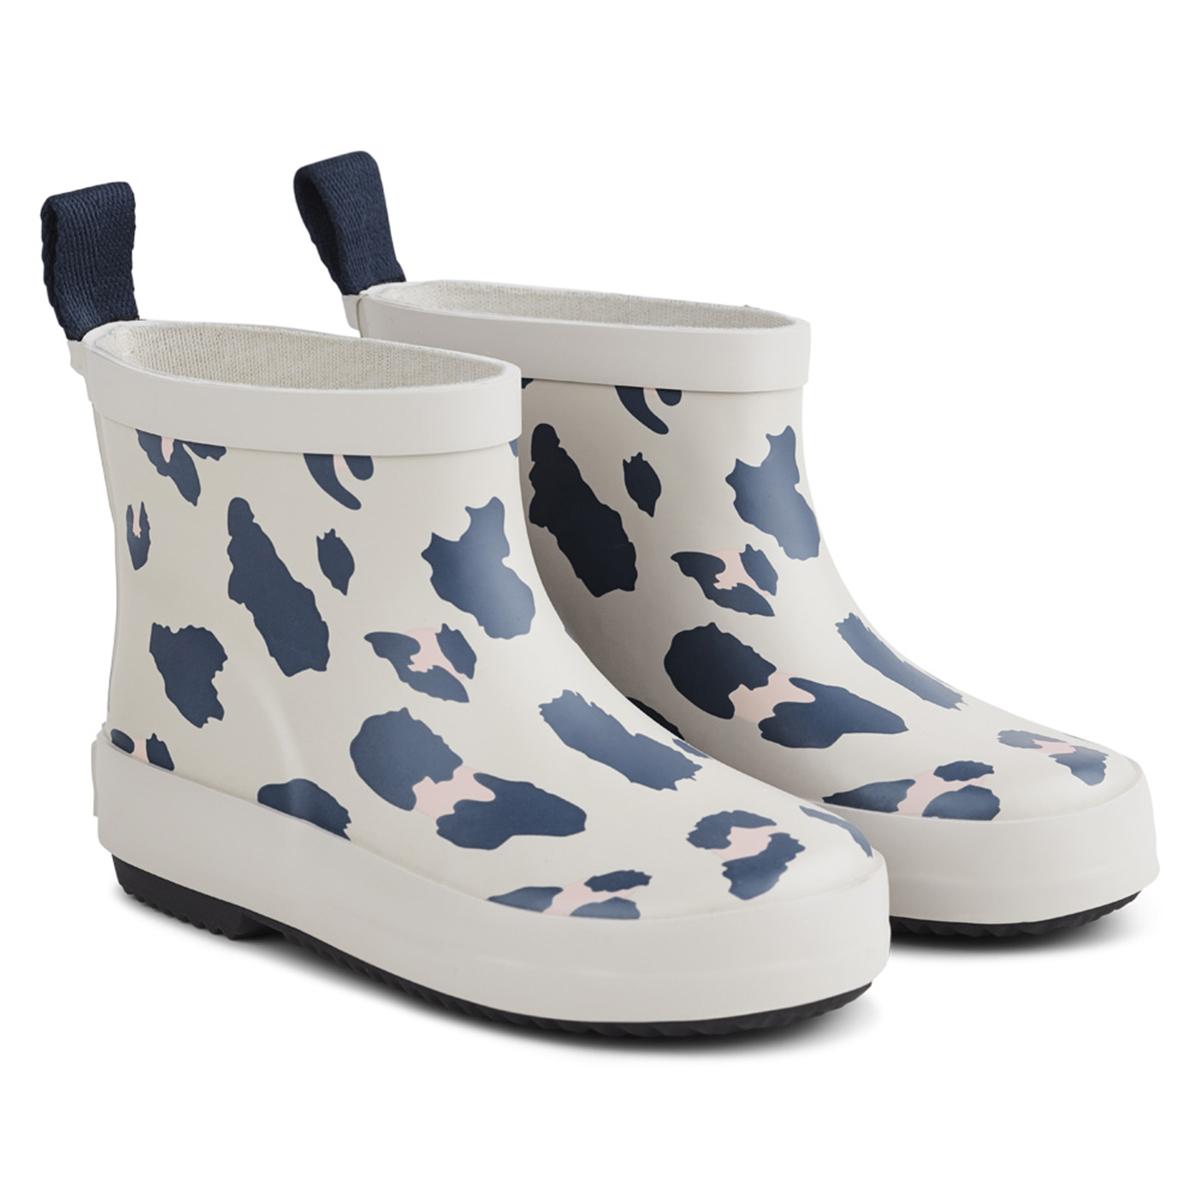 Chaussons & Chaussures Bottes de Pluie Tobi Leo Beige Beauty - 24 Bottes de Pluie Tobi Leo Beige Beauty - 24